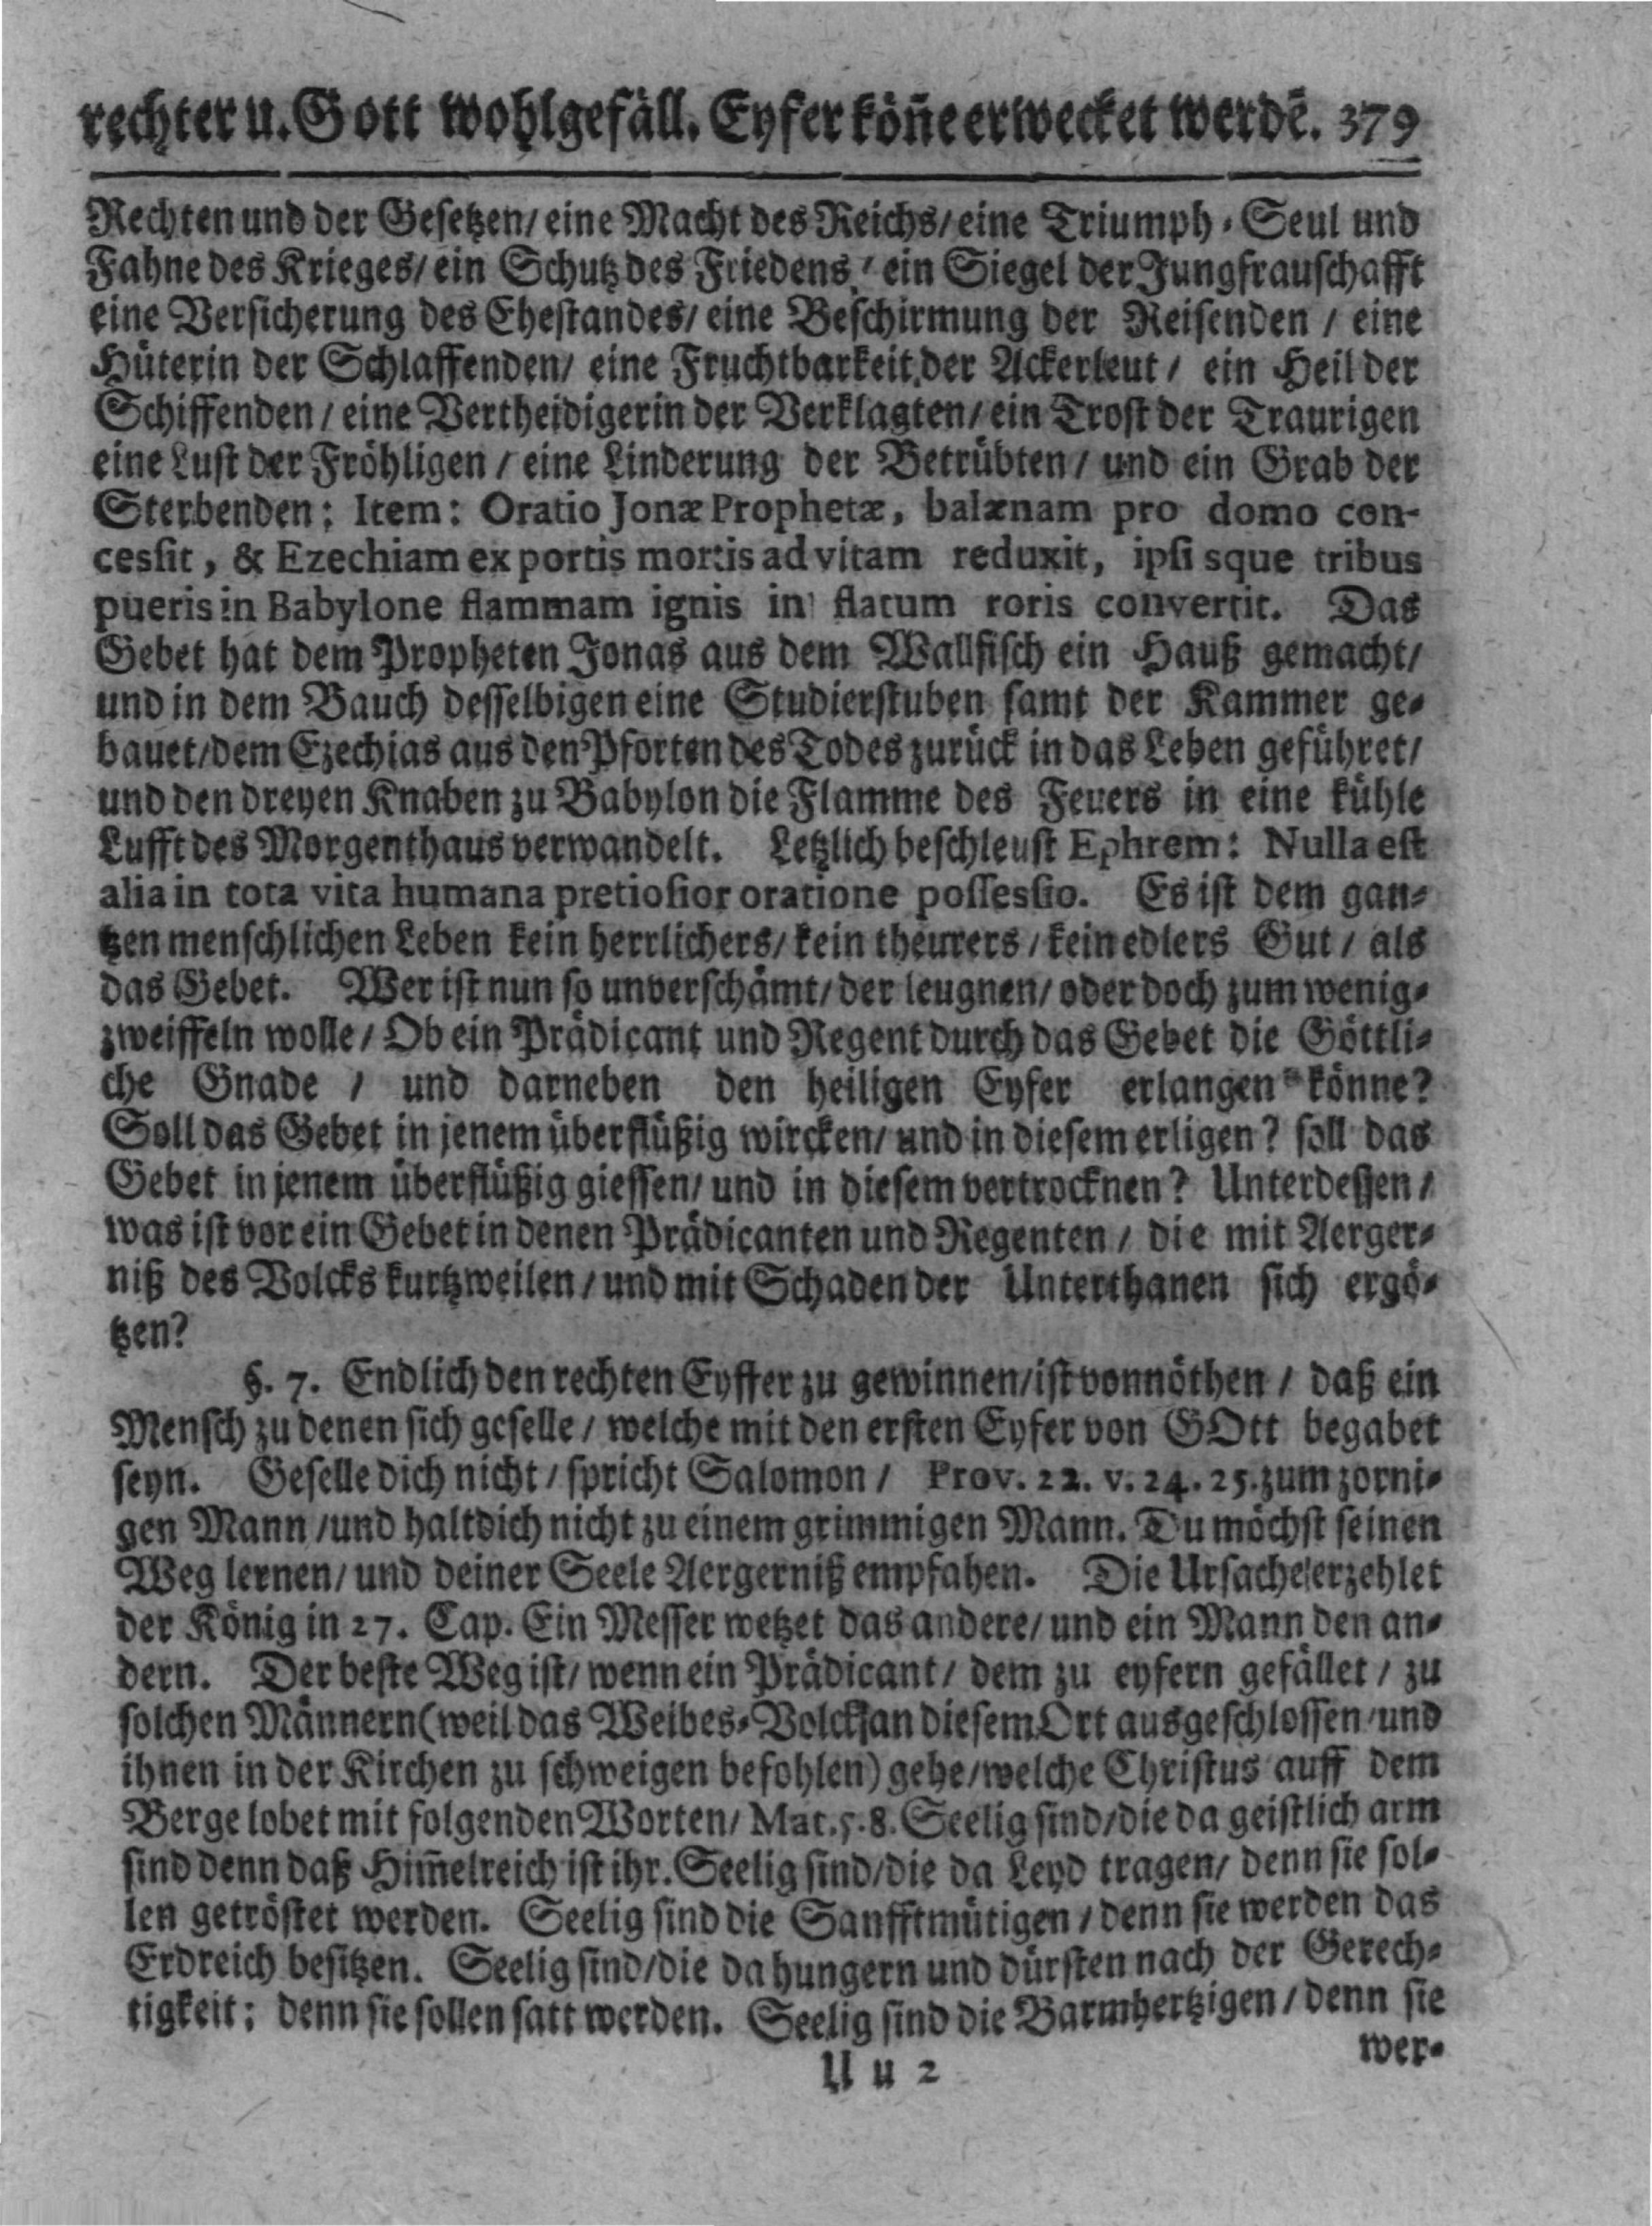 File:De Vom Unfug des Hexen-Proceßes 357.jpg - Wikimedia Commons